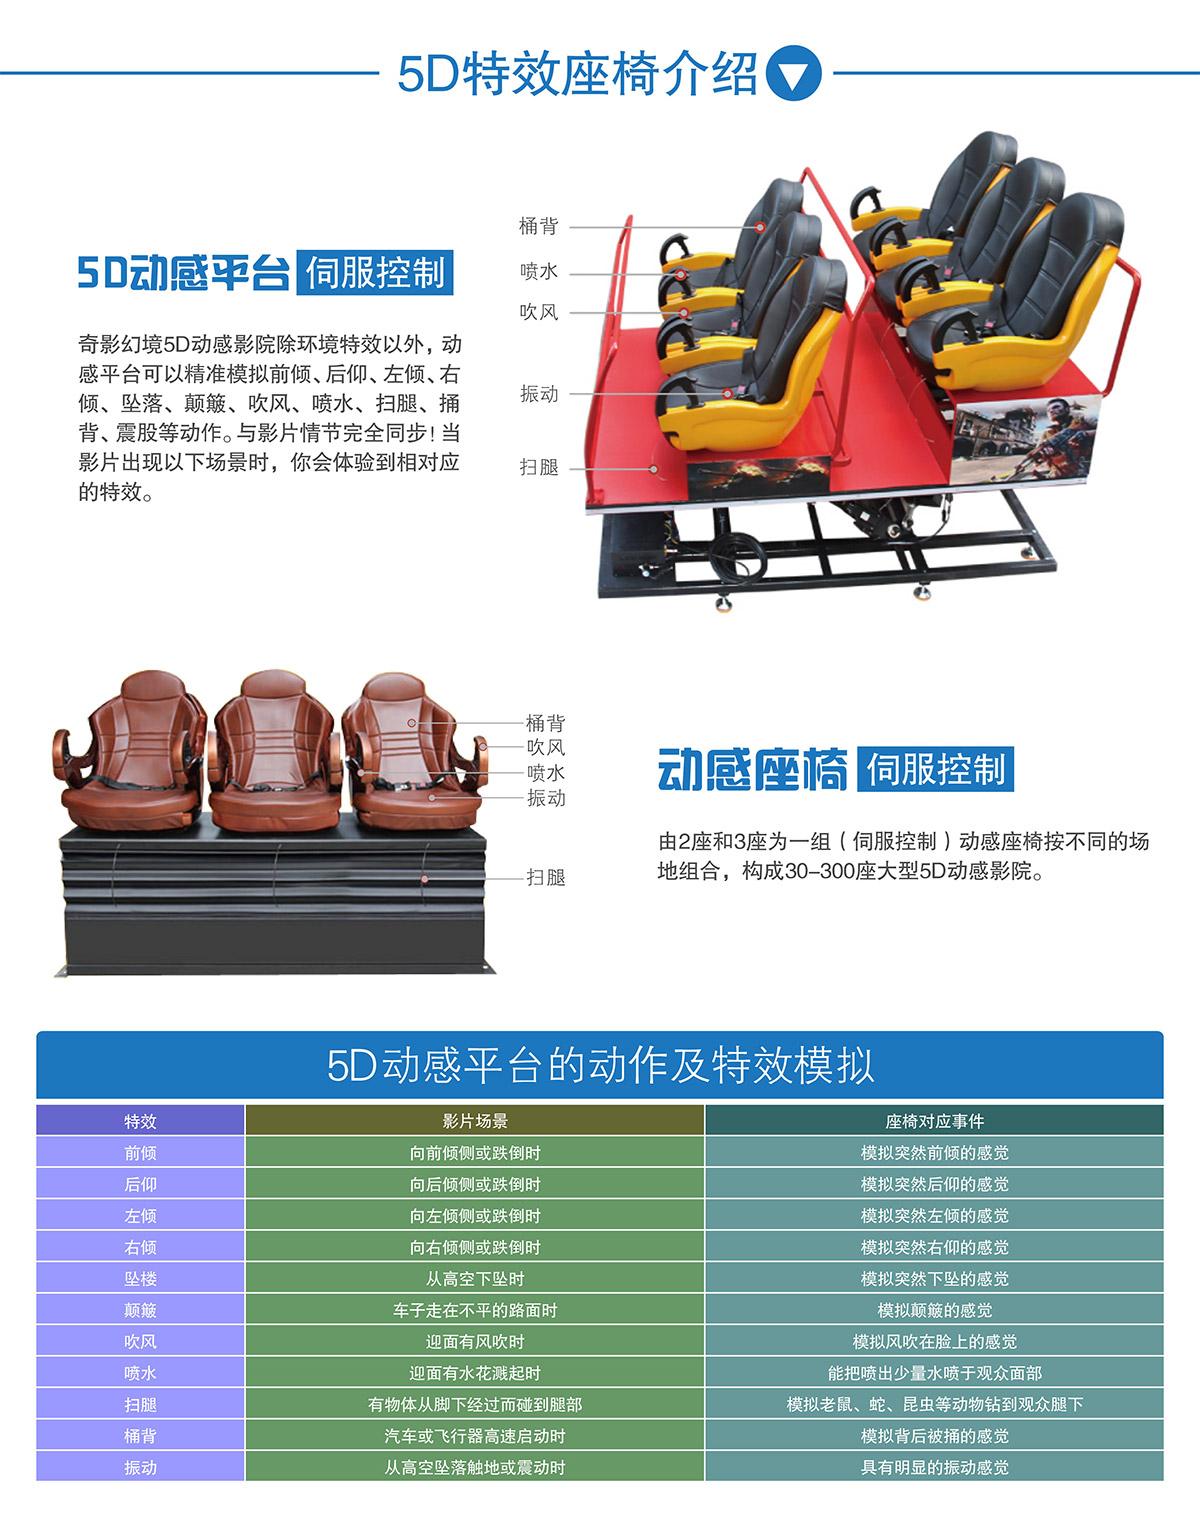 安全体验中大型5D动感特效座椅介绍.jpg